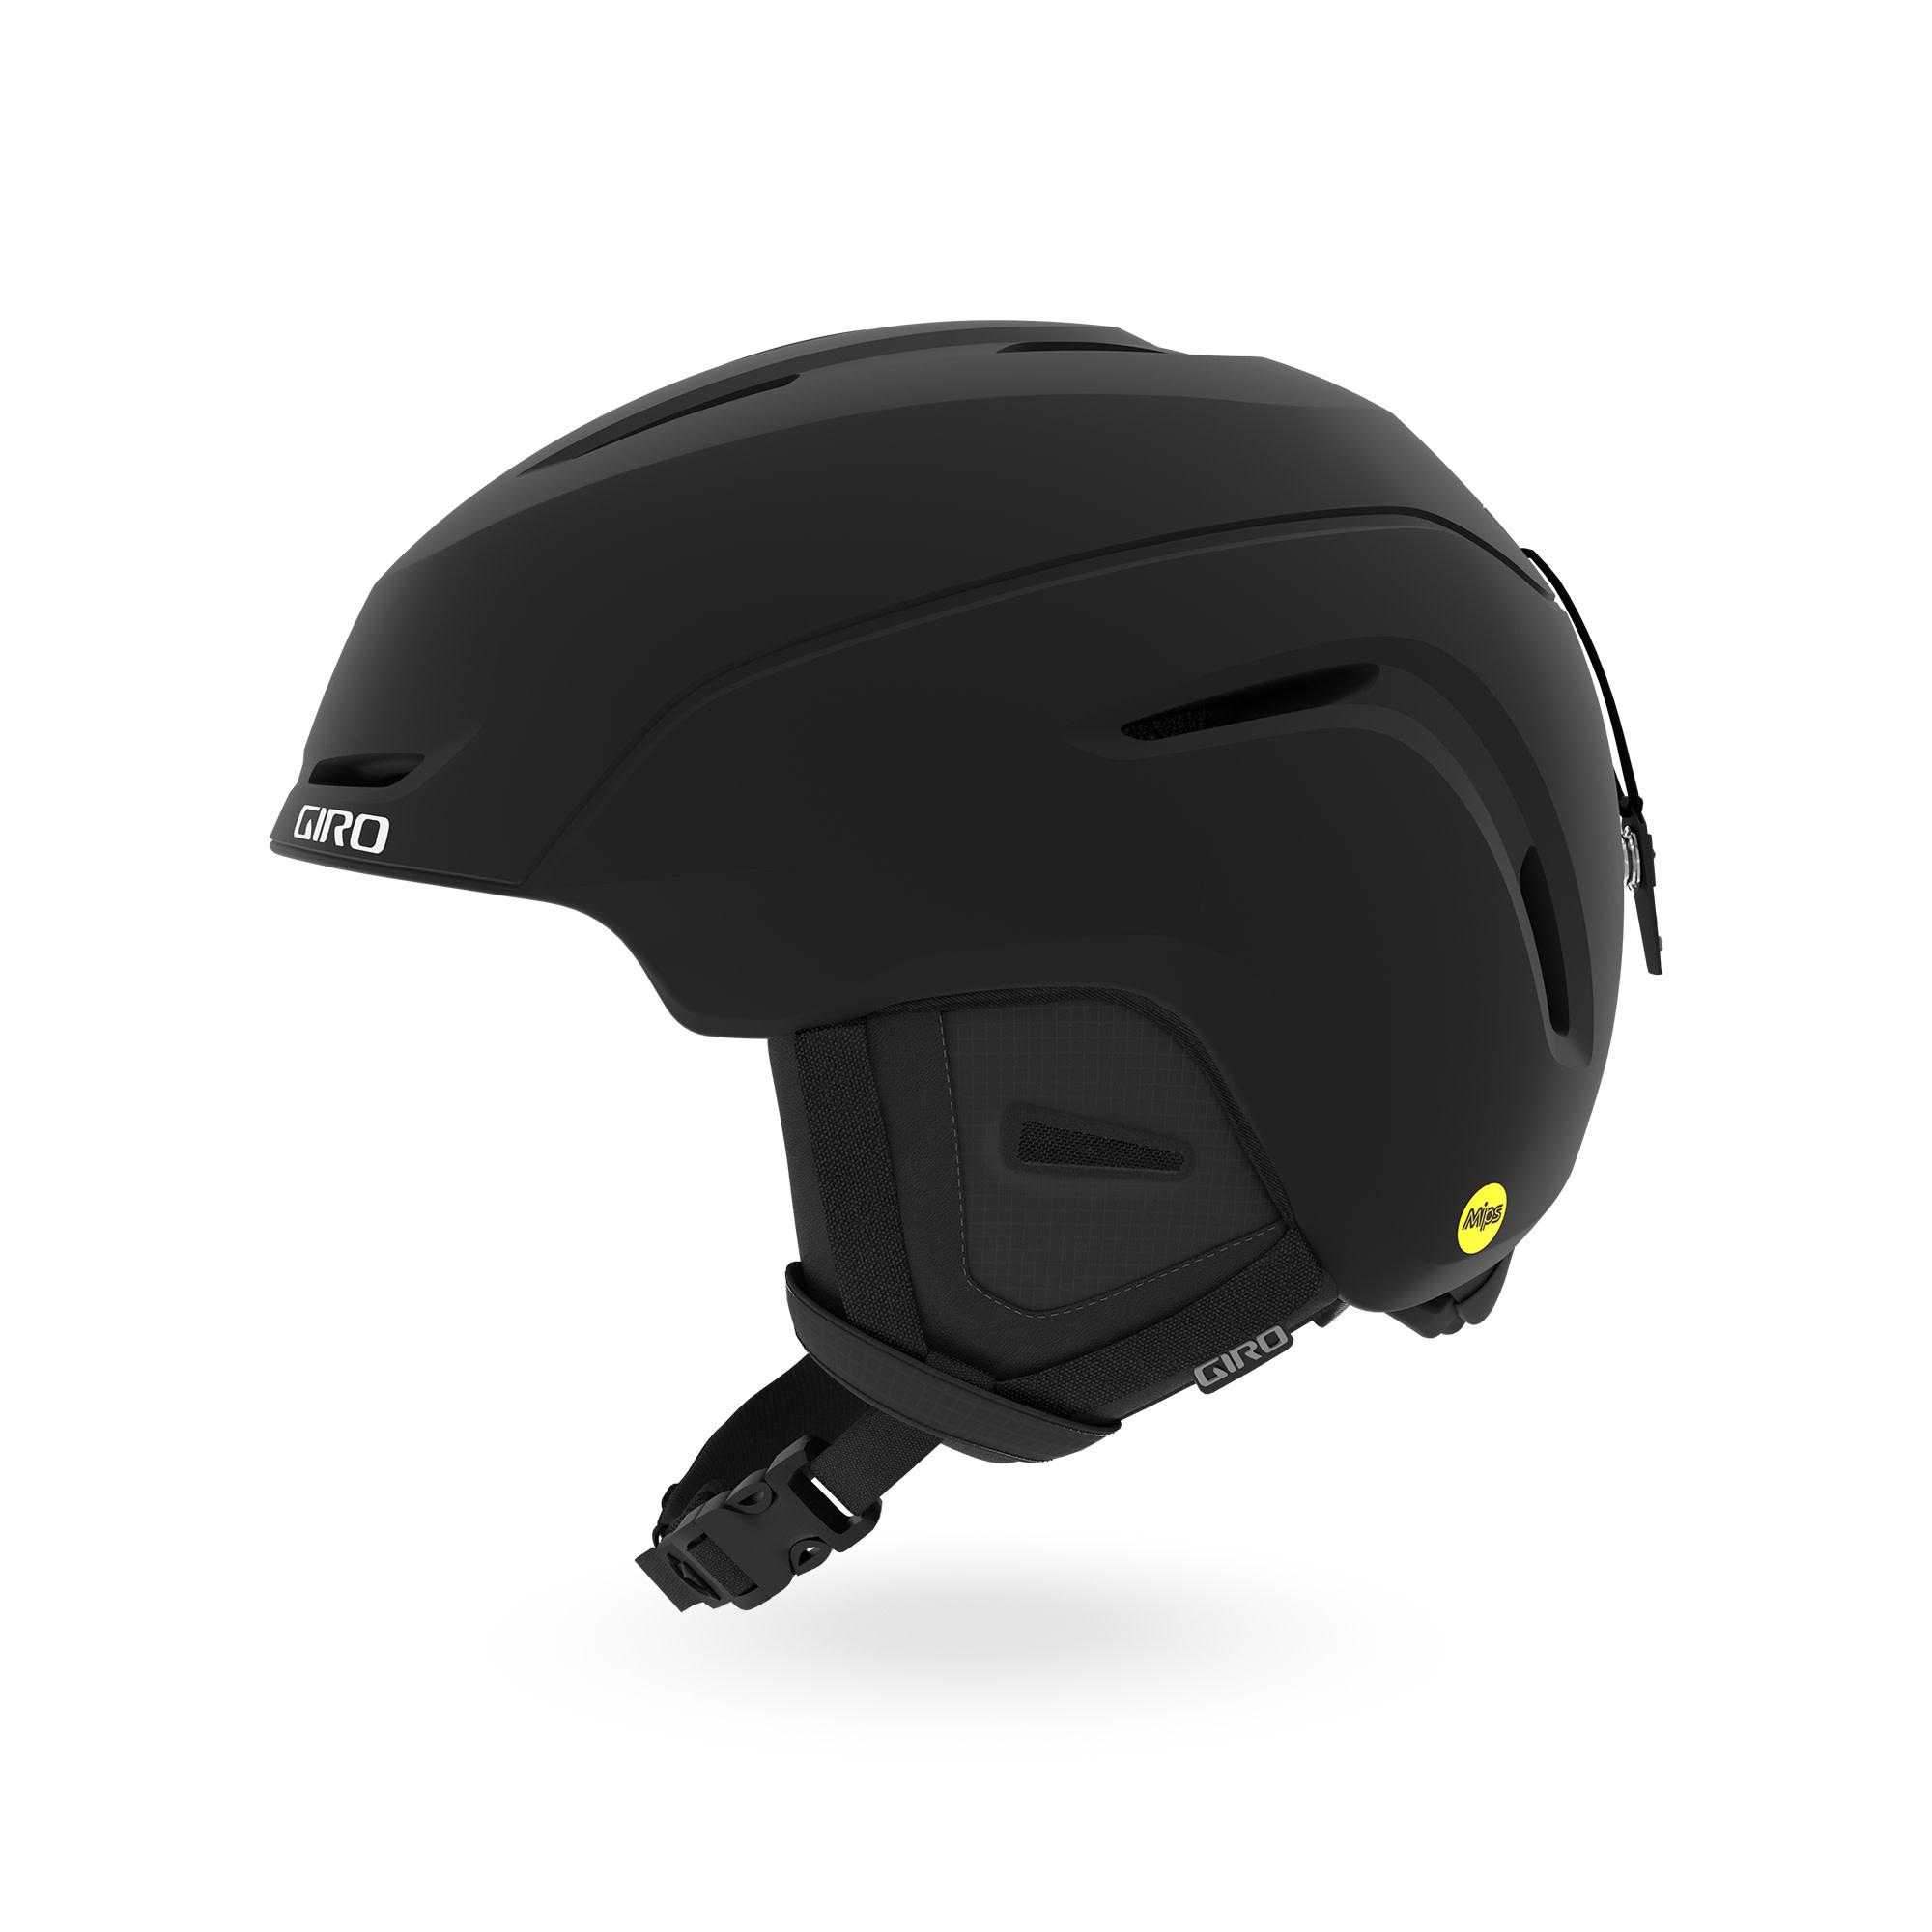 Giro Neo MIPS-12